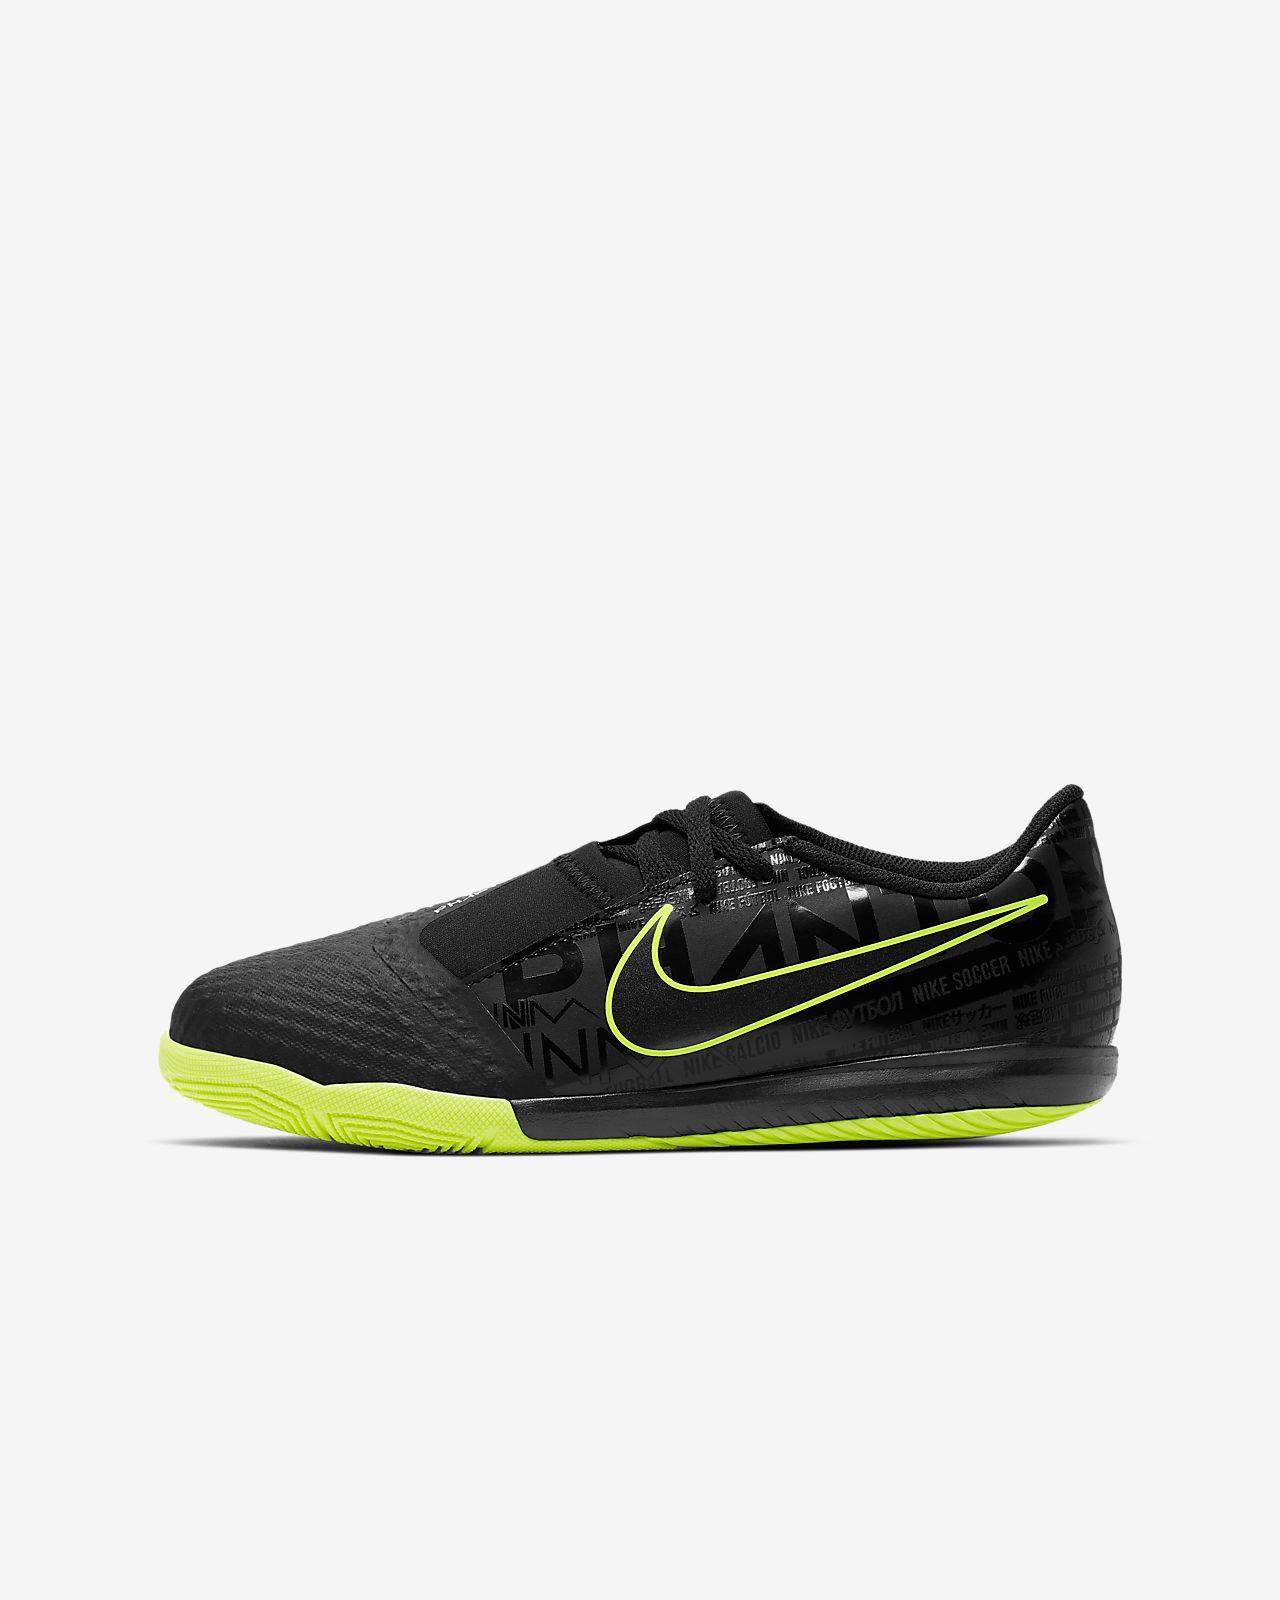 Nike Jr. Phantom Venom Academy IC Botas de fútbol sala - Niño/a